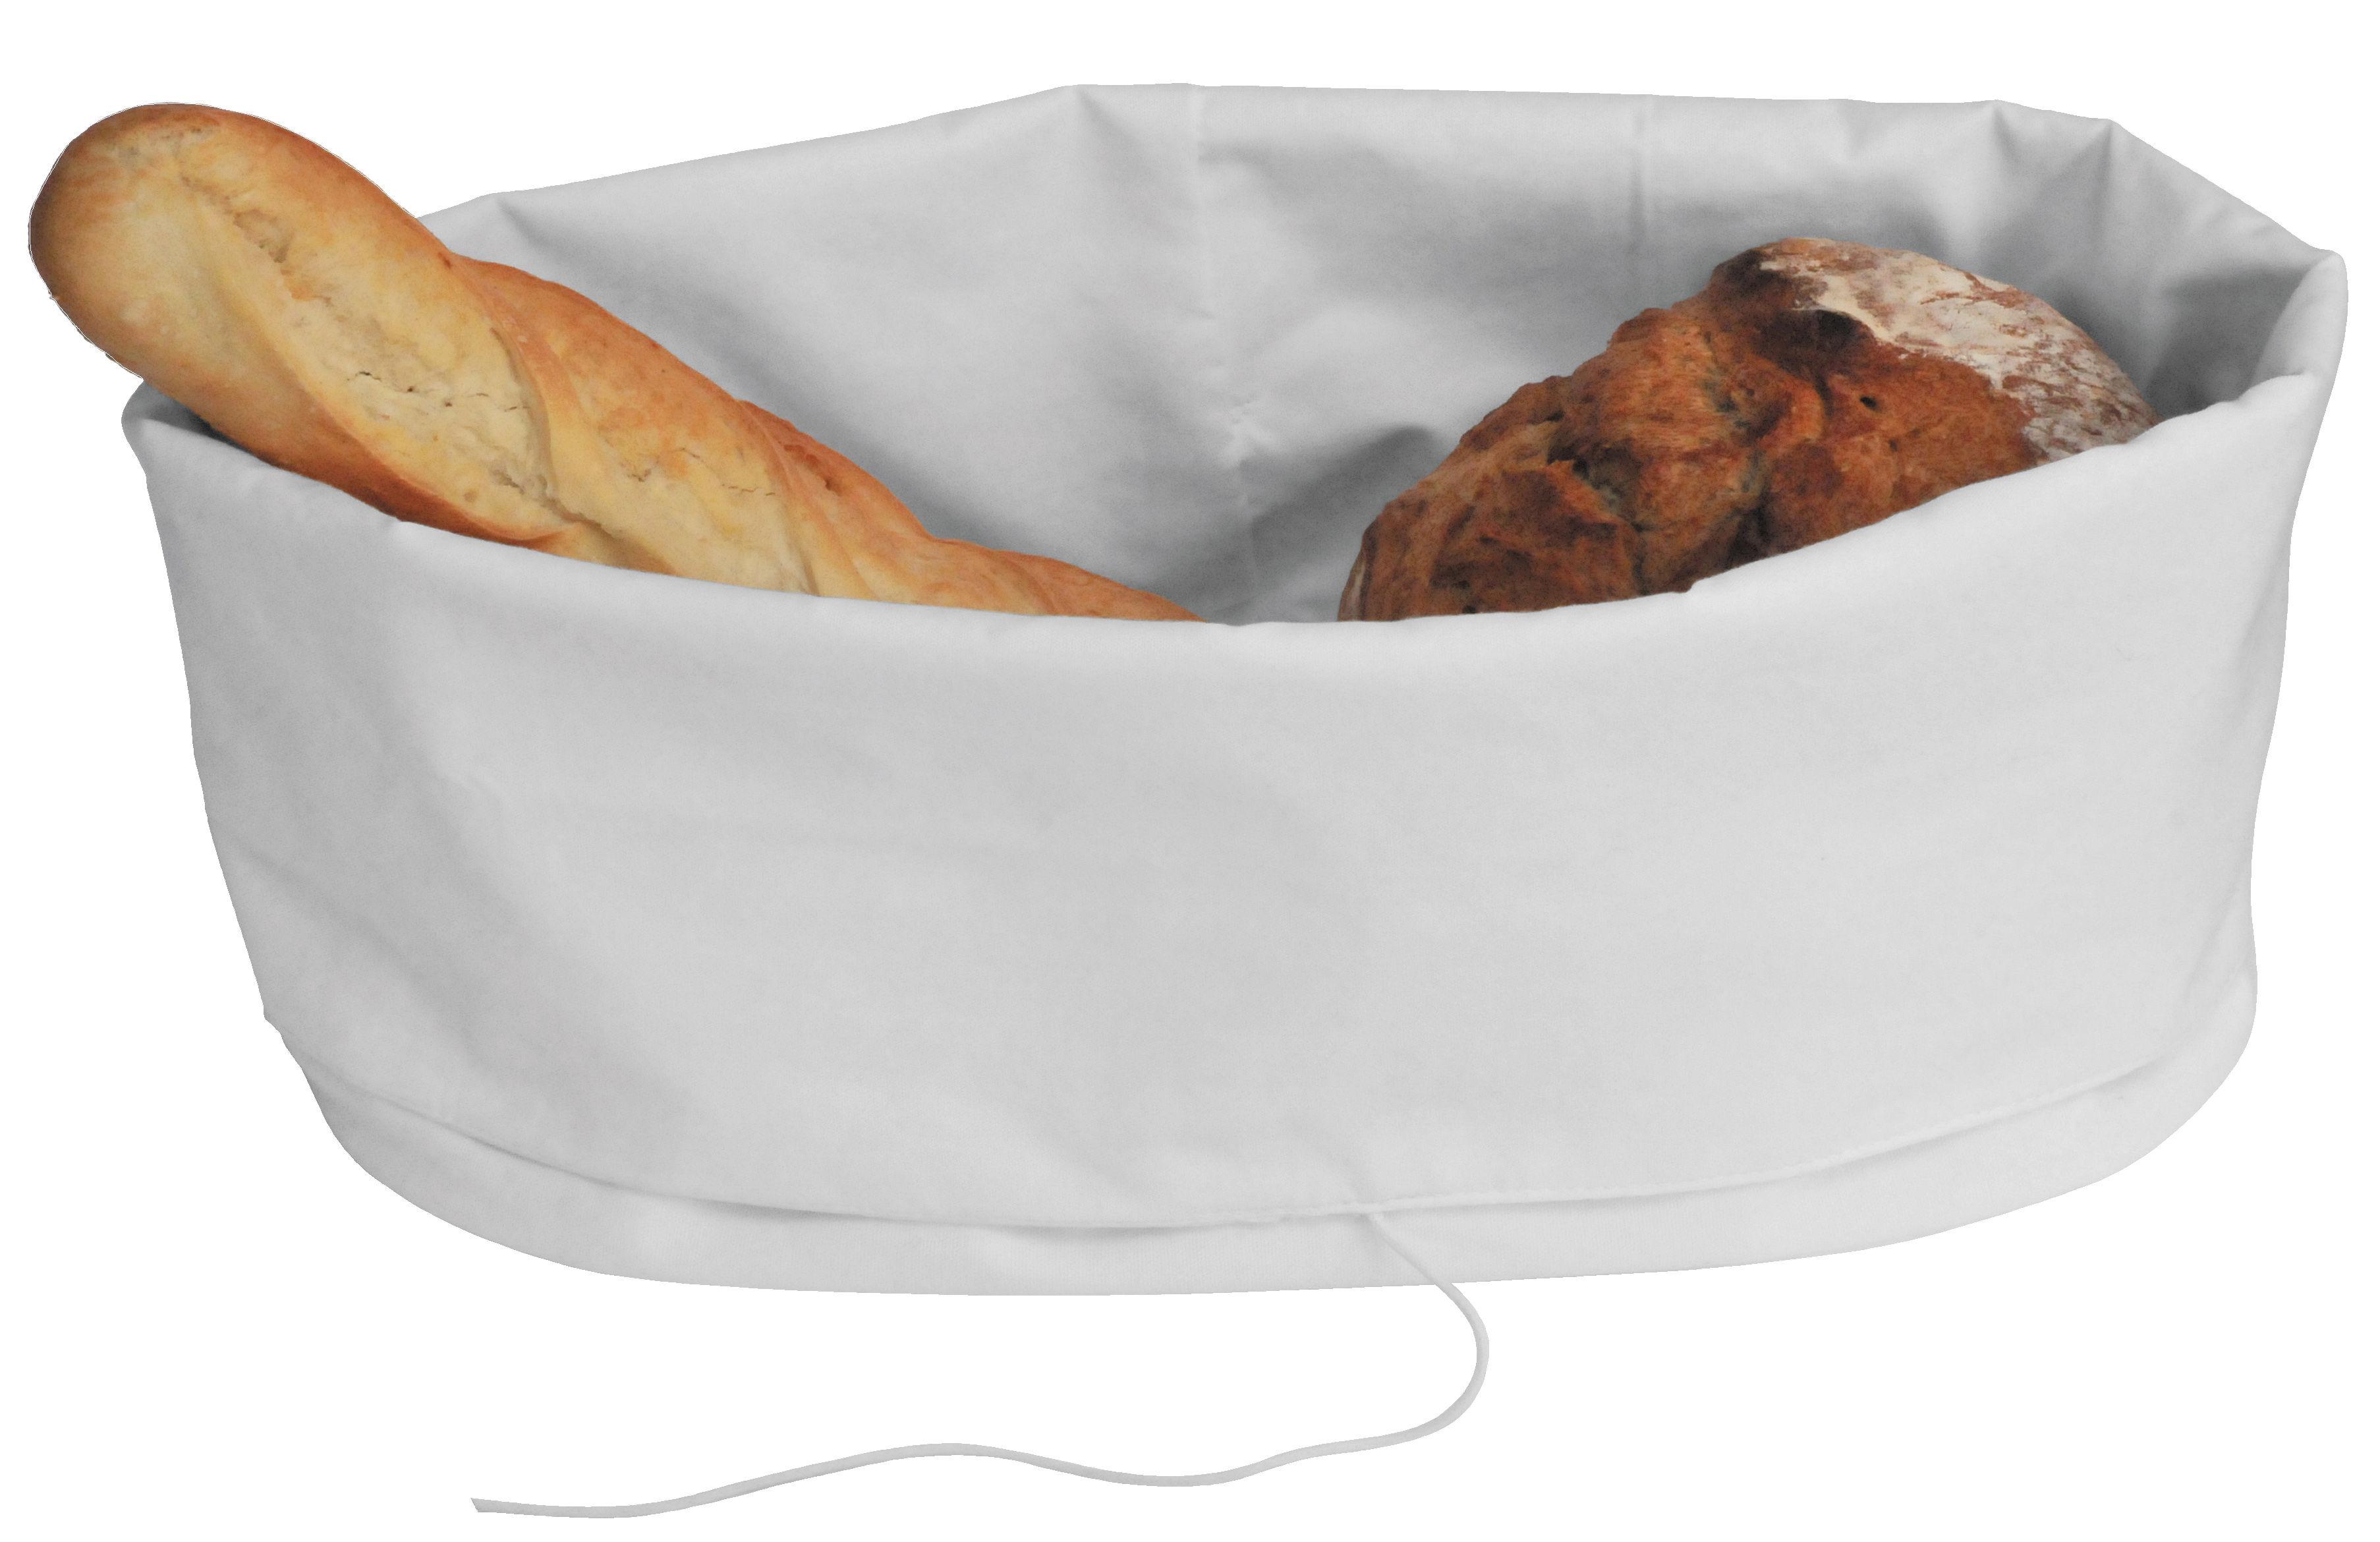 Tavola - Cesti, Fruttiere e Centrotavola - Borsa per il pane - / Per convervare e servire di L'Atelier du Vin - Bianco - Poliestere